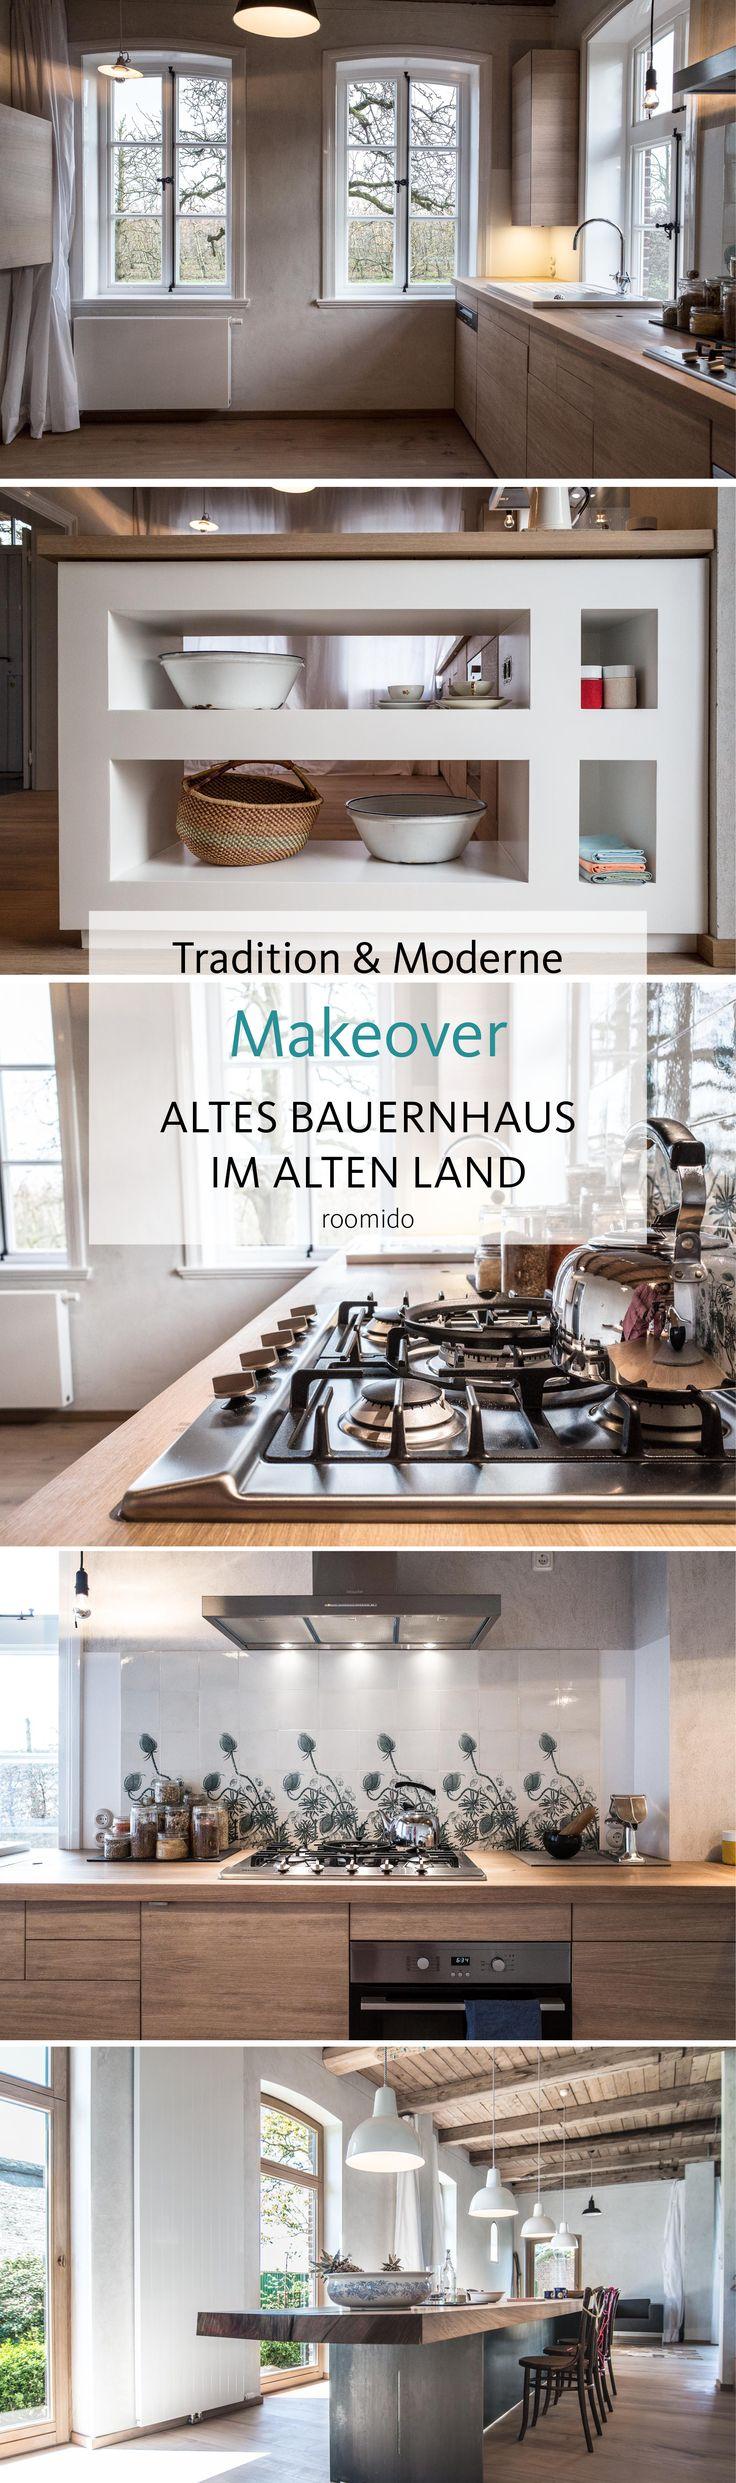 liebevoll saniert moderne landhaus idylle bei hamburg - Corian Countertops Bauernhaus Waschbecken